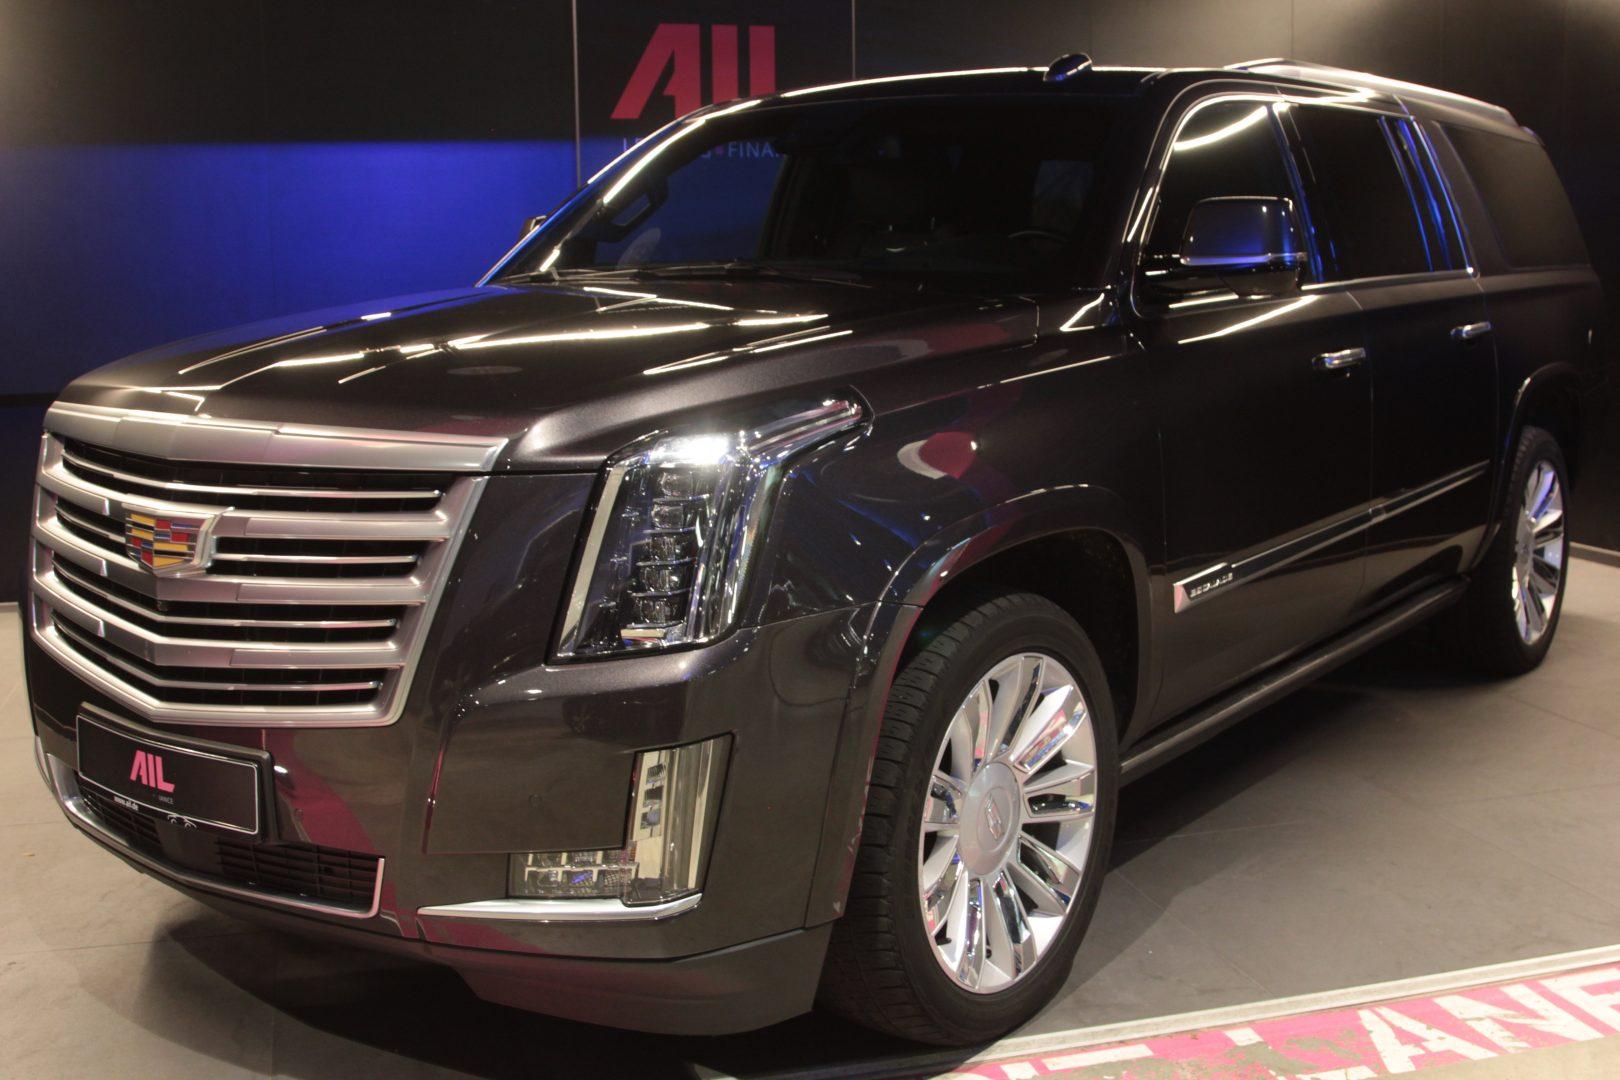 AIL Cadillac Escalade ESV Platinum 6.2 V8 AWD 8